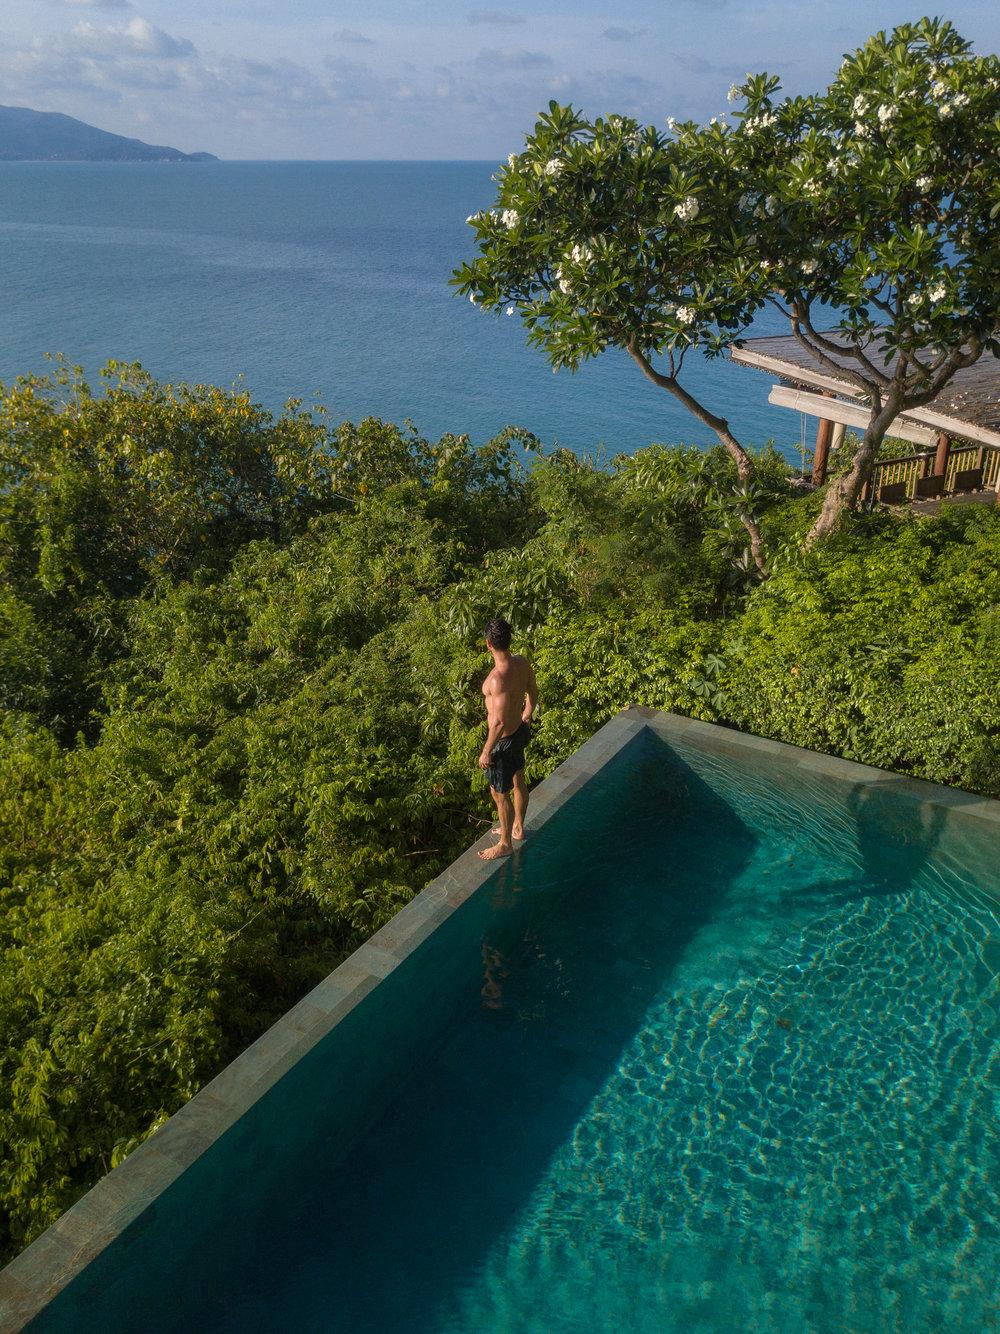 """""""The Retreat"""" a maior Villa do hotel tem essa vista deslumbrante, sala de jantar ao ar livre e piscina debruçada sobre o mar."""